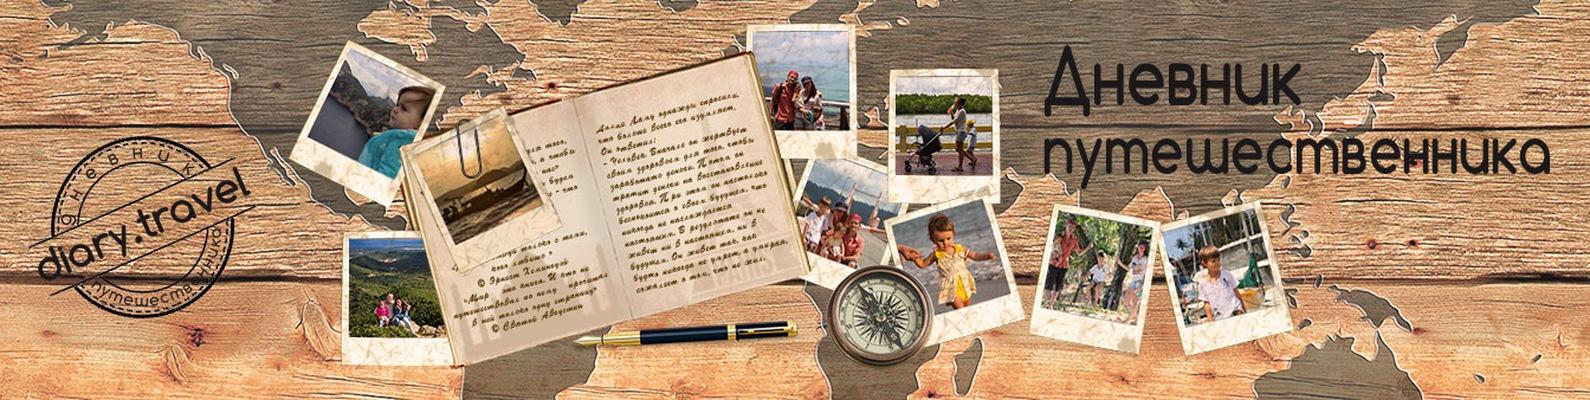 Дневник путешественника как сделать 281